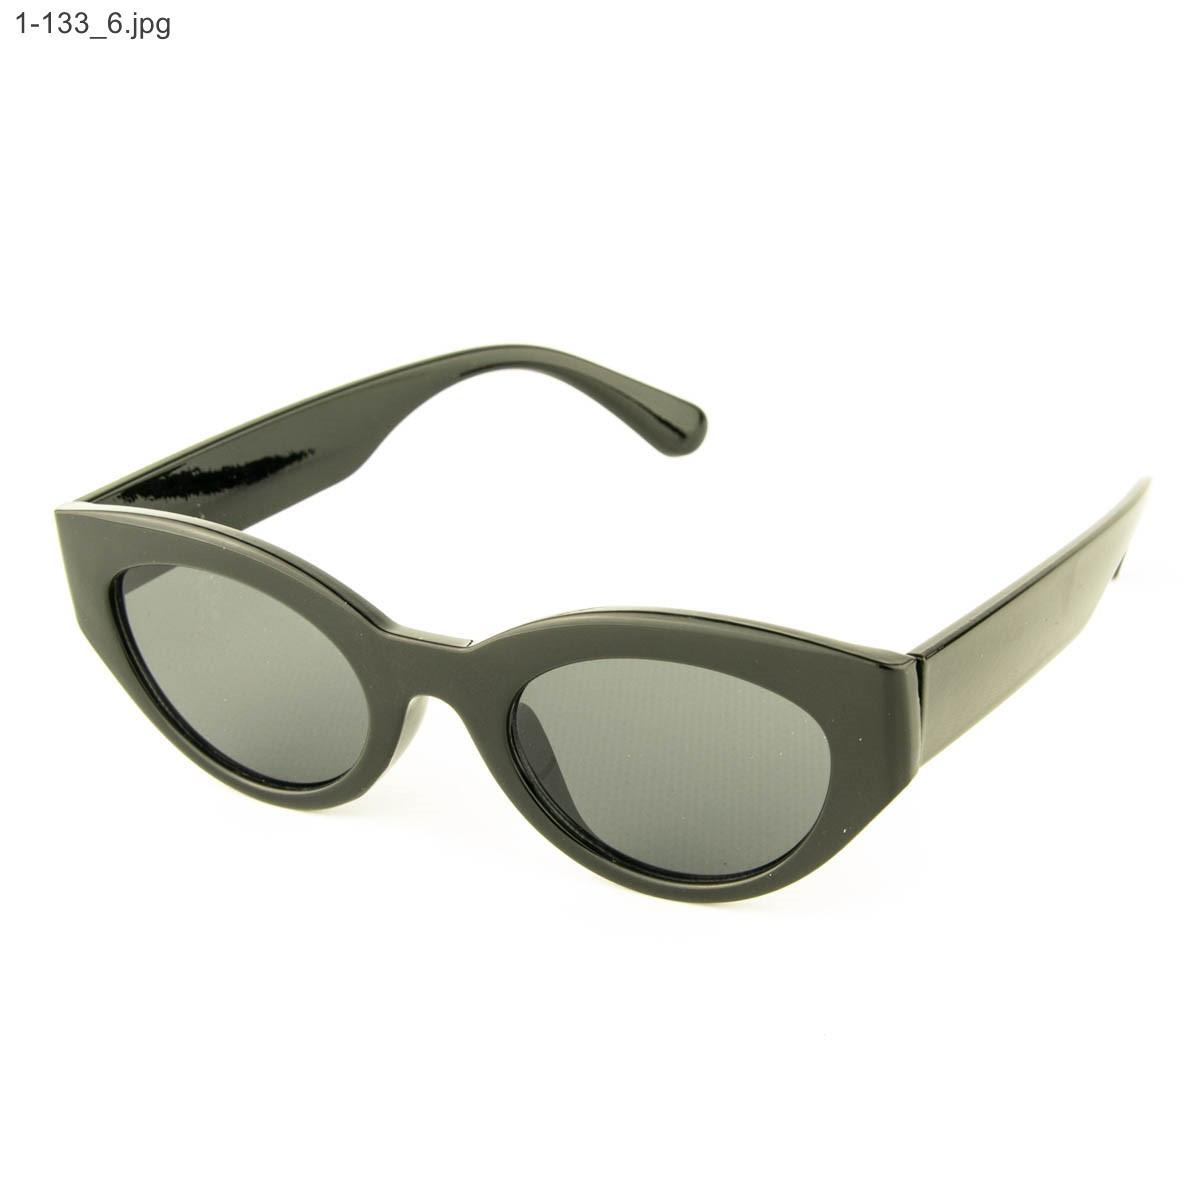 Оптом солнцезащитные очки овальной формы - Черные - 1-133